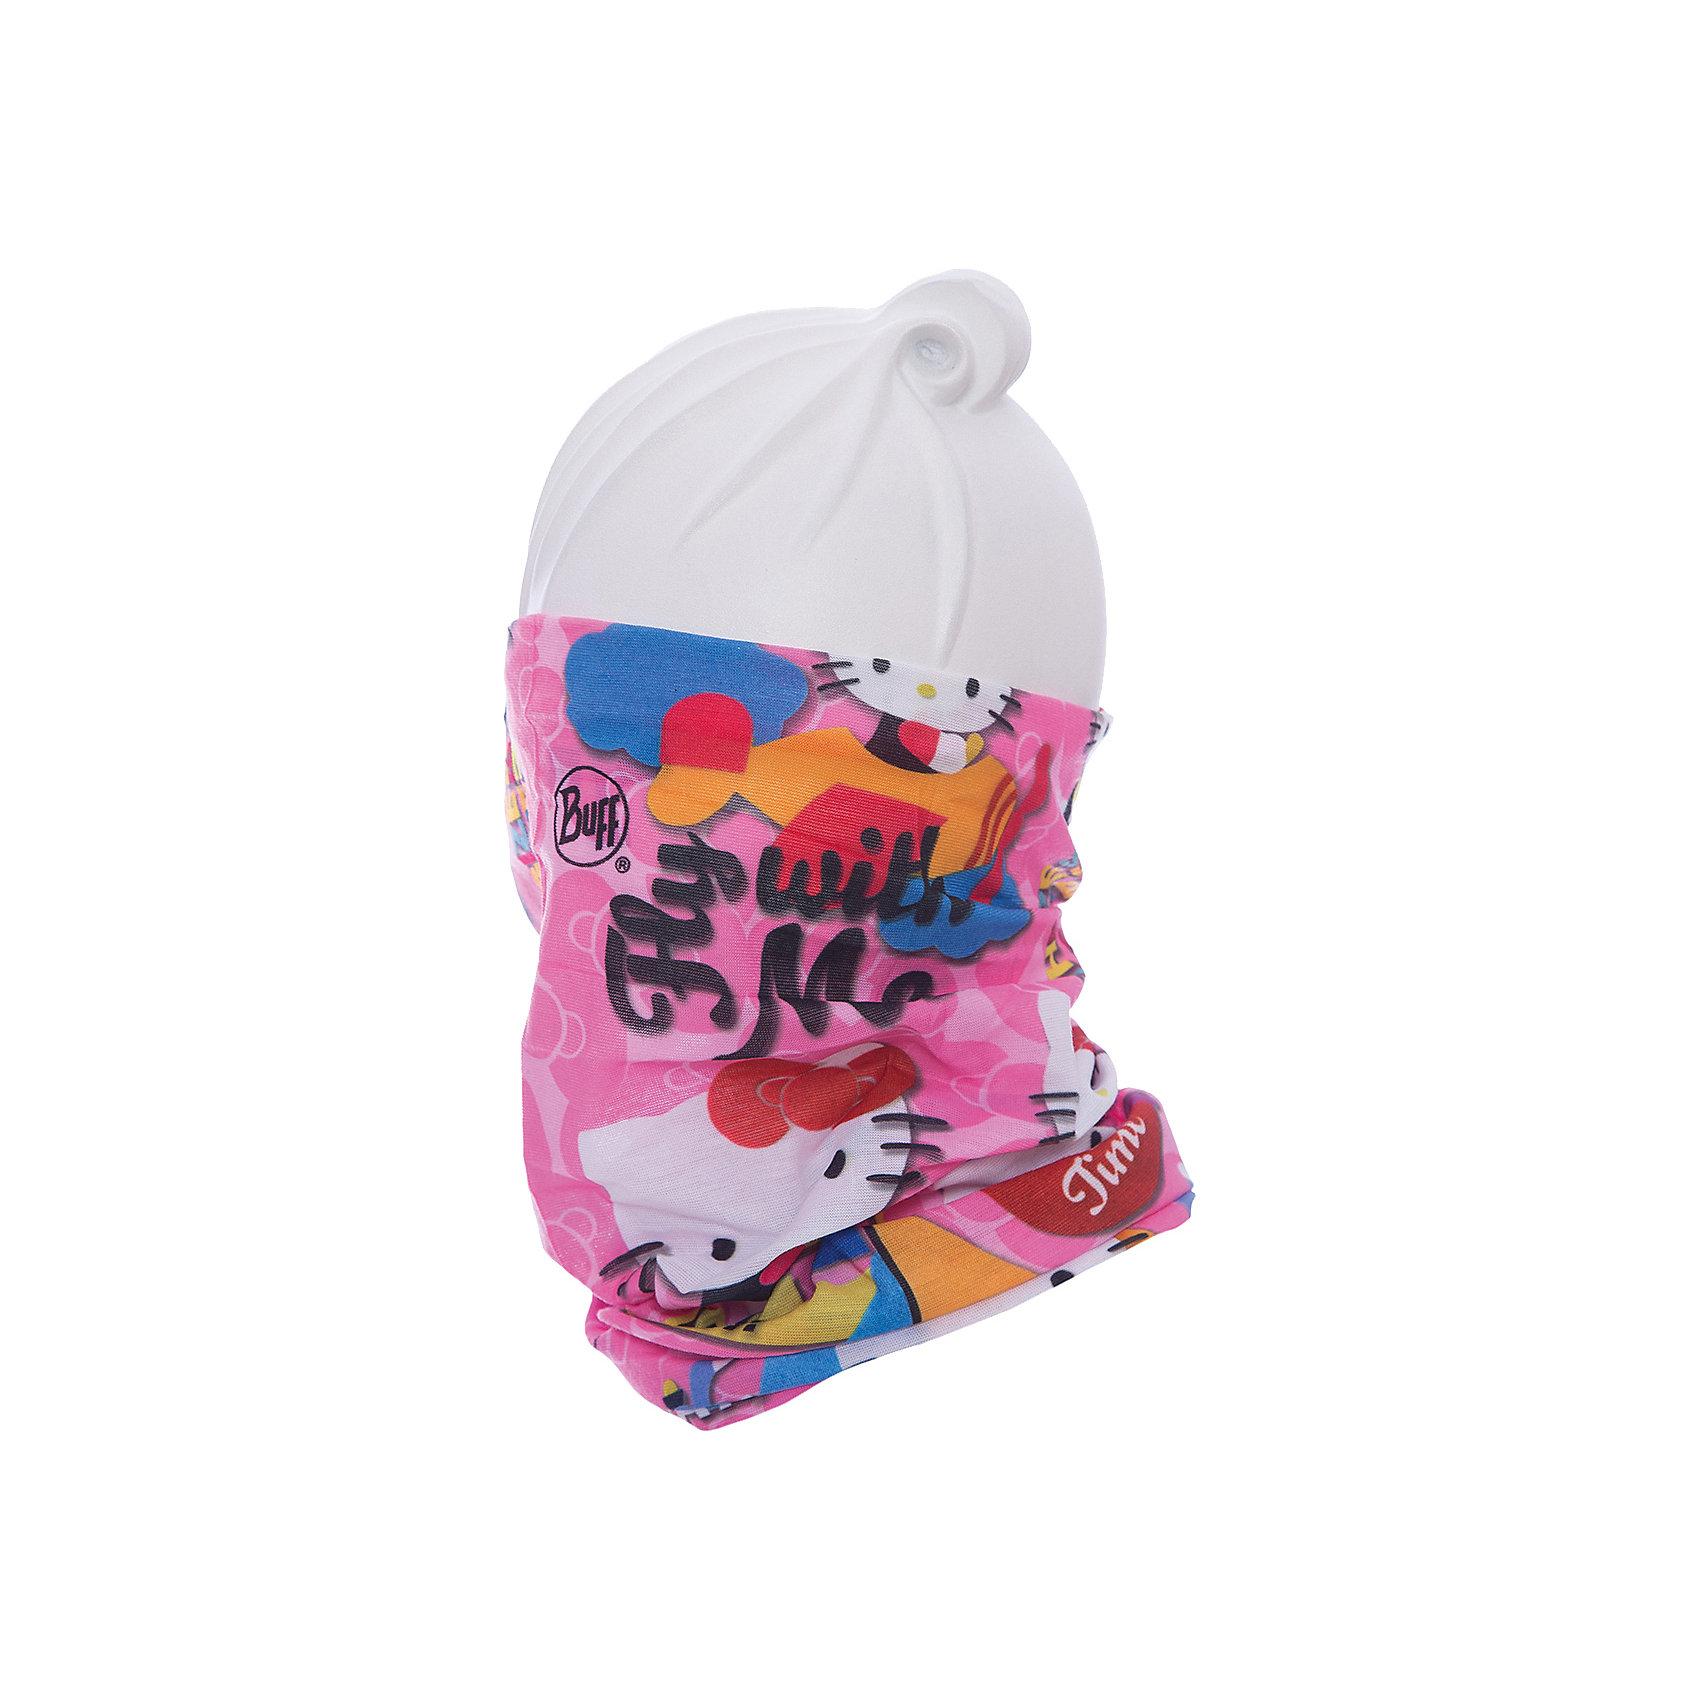 Бандана BUFFГоловные уборы<br>Бандана BUFF <br>Бесшовная бандана-труба из специальной серии Original BUFF. Original BUFF - самый популярный универсальный головной убор из всех серий. <br><br>Сделан из микрофибры - защищает от ветра, пыли, влаги и ультрафиолета. Контролирует микроклимат в холодную и теплую погоду, отводит влагу. Ткань обработана ионами серебра, обеспечивающими длительный антибактериальный эффект и предотвращающими появление запаха. Допускается машинная и ручная стирка при 30-40градусах. Материал не теряет цвет и эластичность, не требует глажки. <br><br>Original BUFF можно носить на шее и на голове, как шейный платок, маску, бандану, шапку и подшлемник. <br><br>Свойства материала позволяют использовать бандану Original BUFF в любое время года, при занятиях любым видом спорта, активного отдыха, туризма или рыбалки.<br>Состав:<br>Полиэстер 100%<br><br>Ширина мм: 89<br>Глубина мм: 117<br>Высота мм: 44<br>Вес г: 155<br>Цвет: розовый<br>Возраст от месяцев: 84<br>Возраст до месяцев: 1188<br>Пол: Унисекс<br>Возраст: Детский<br>Размер: one size<br>SKU: 5568661